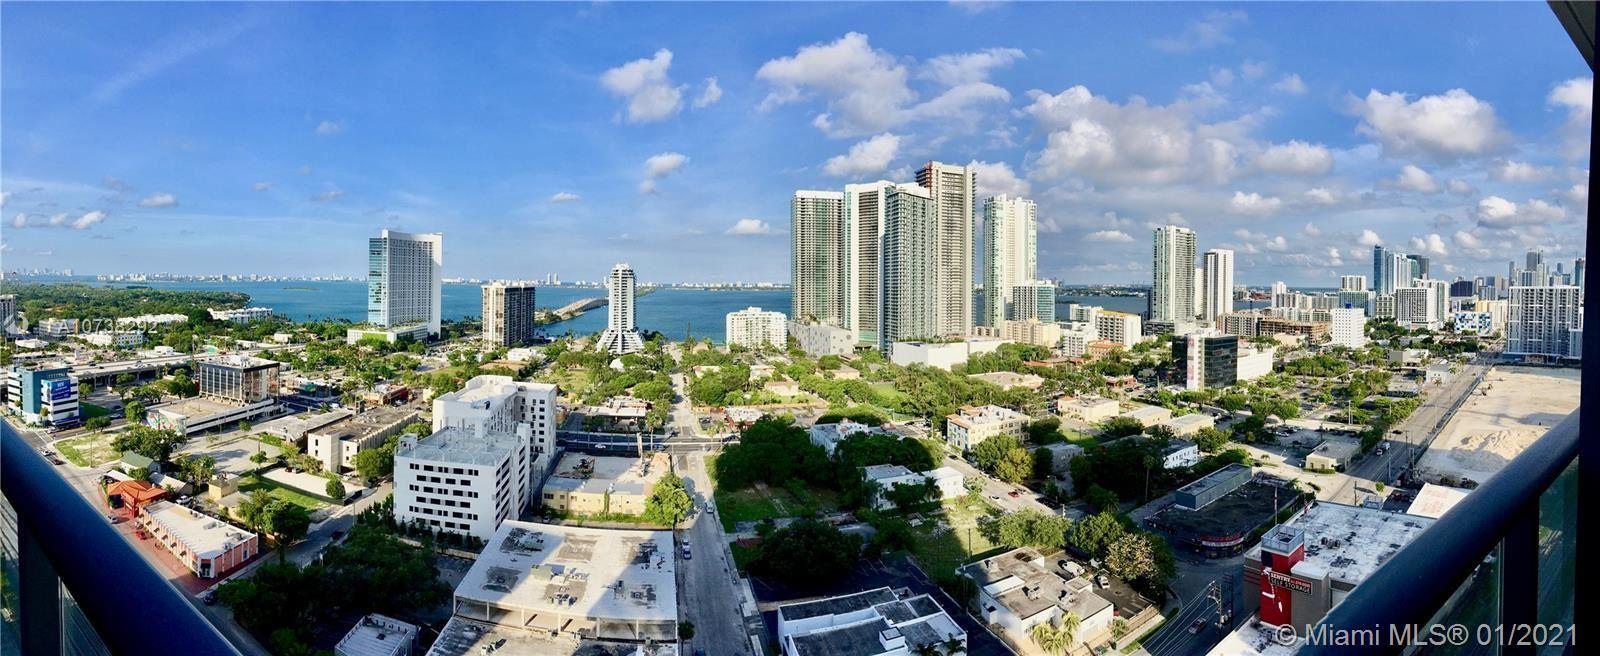 121 NE 34th St #2206, Miami, FL 33137 - #: A10738292